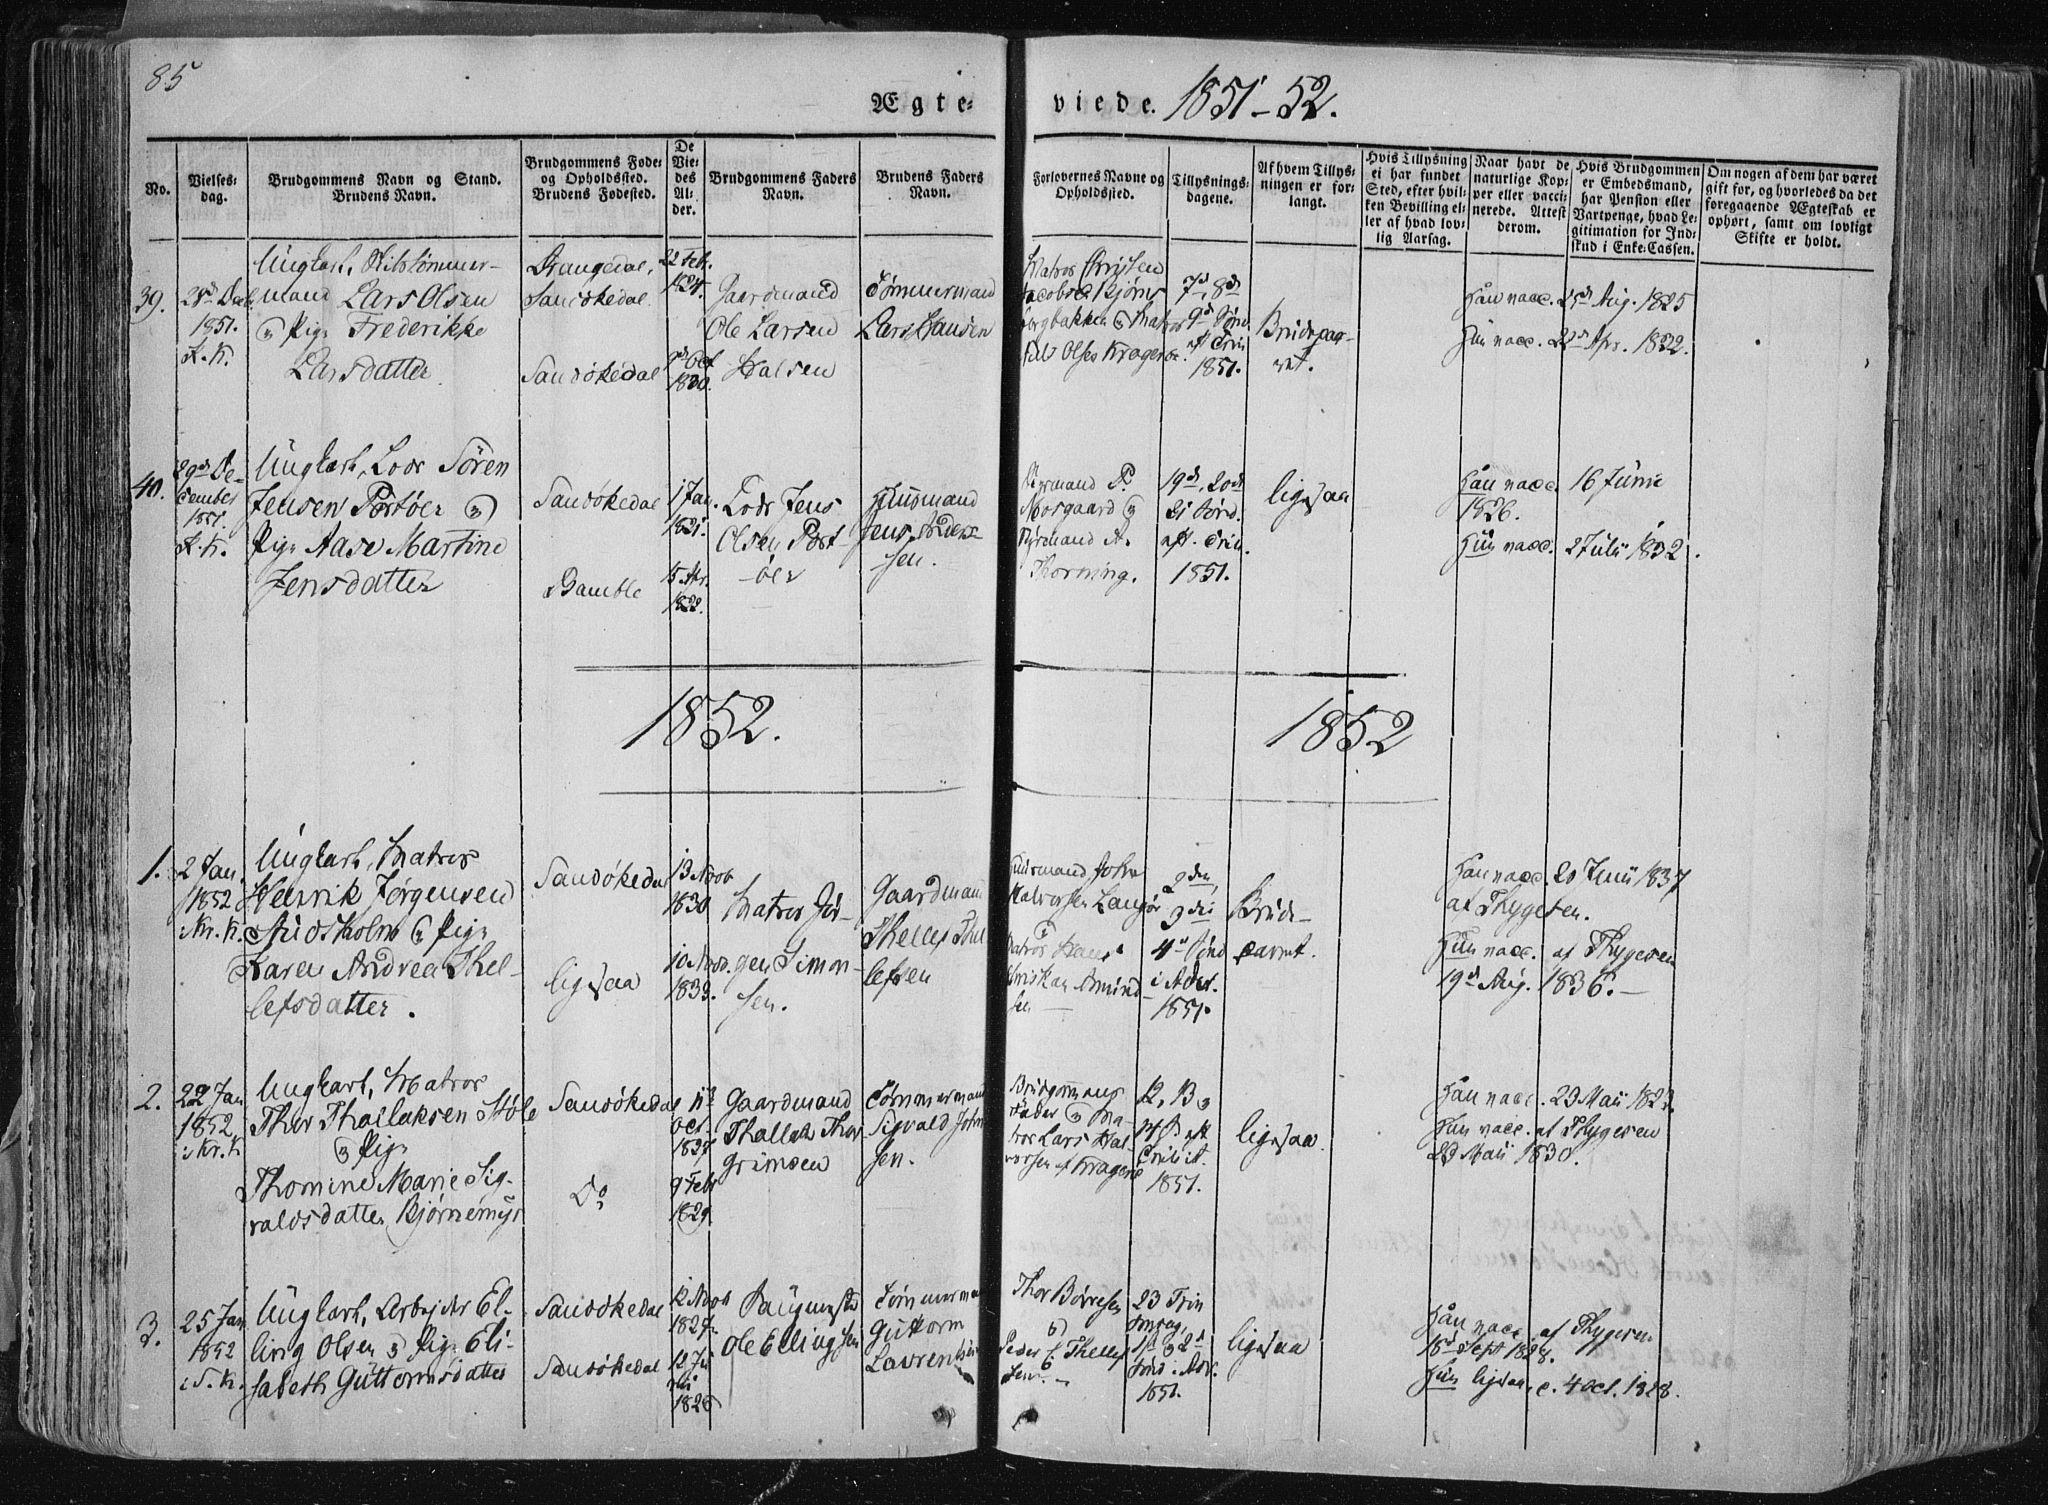 SAKO, Sannidal kirkebøker, F/Fa/L0007: Ministerialbok nr. 7, 1831-1854, s. 85